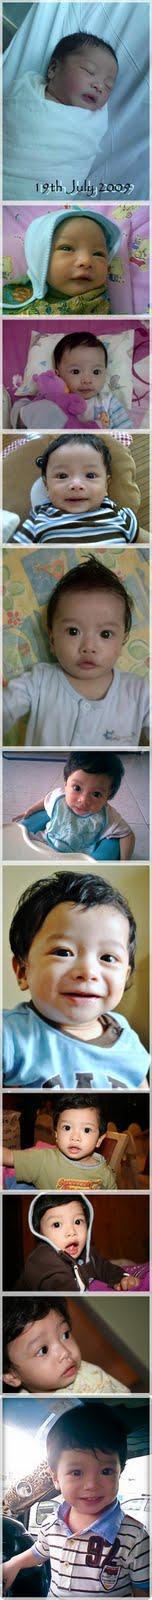 ♥ Afif Danial ♥